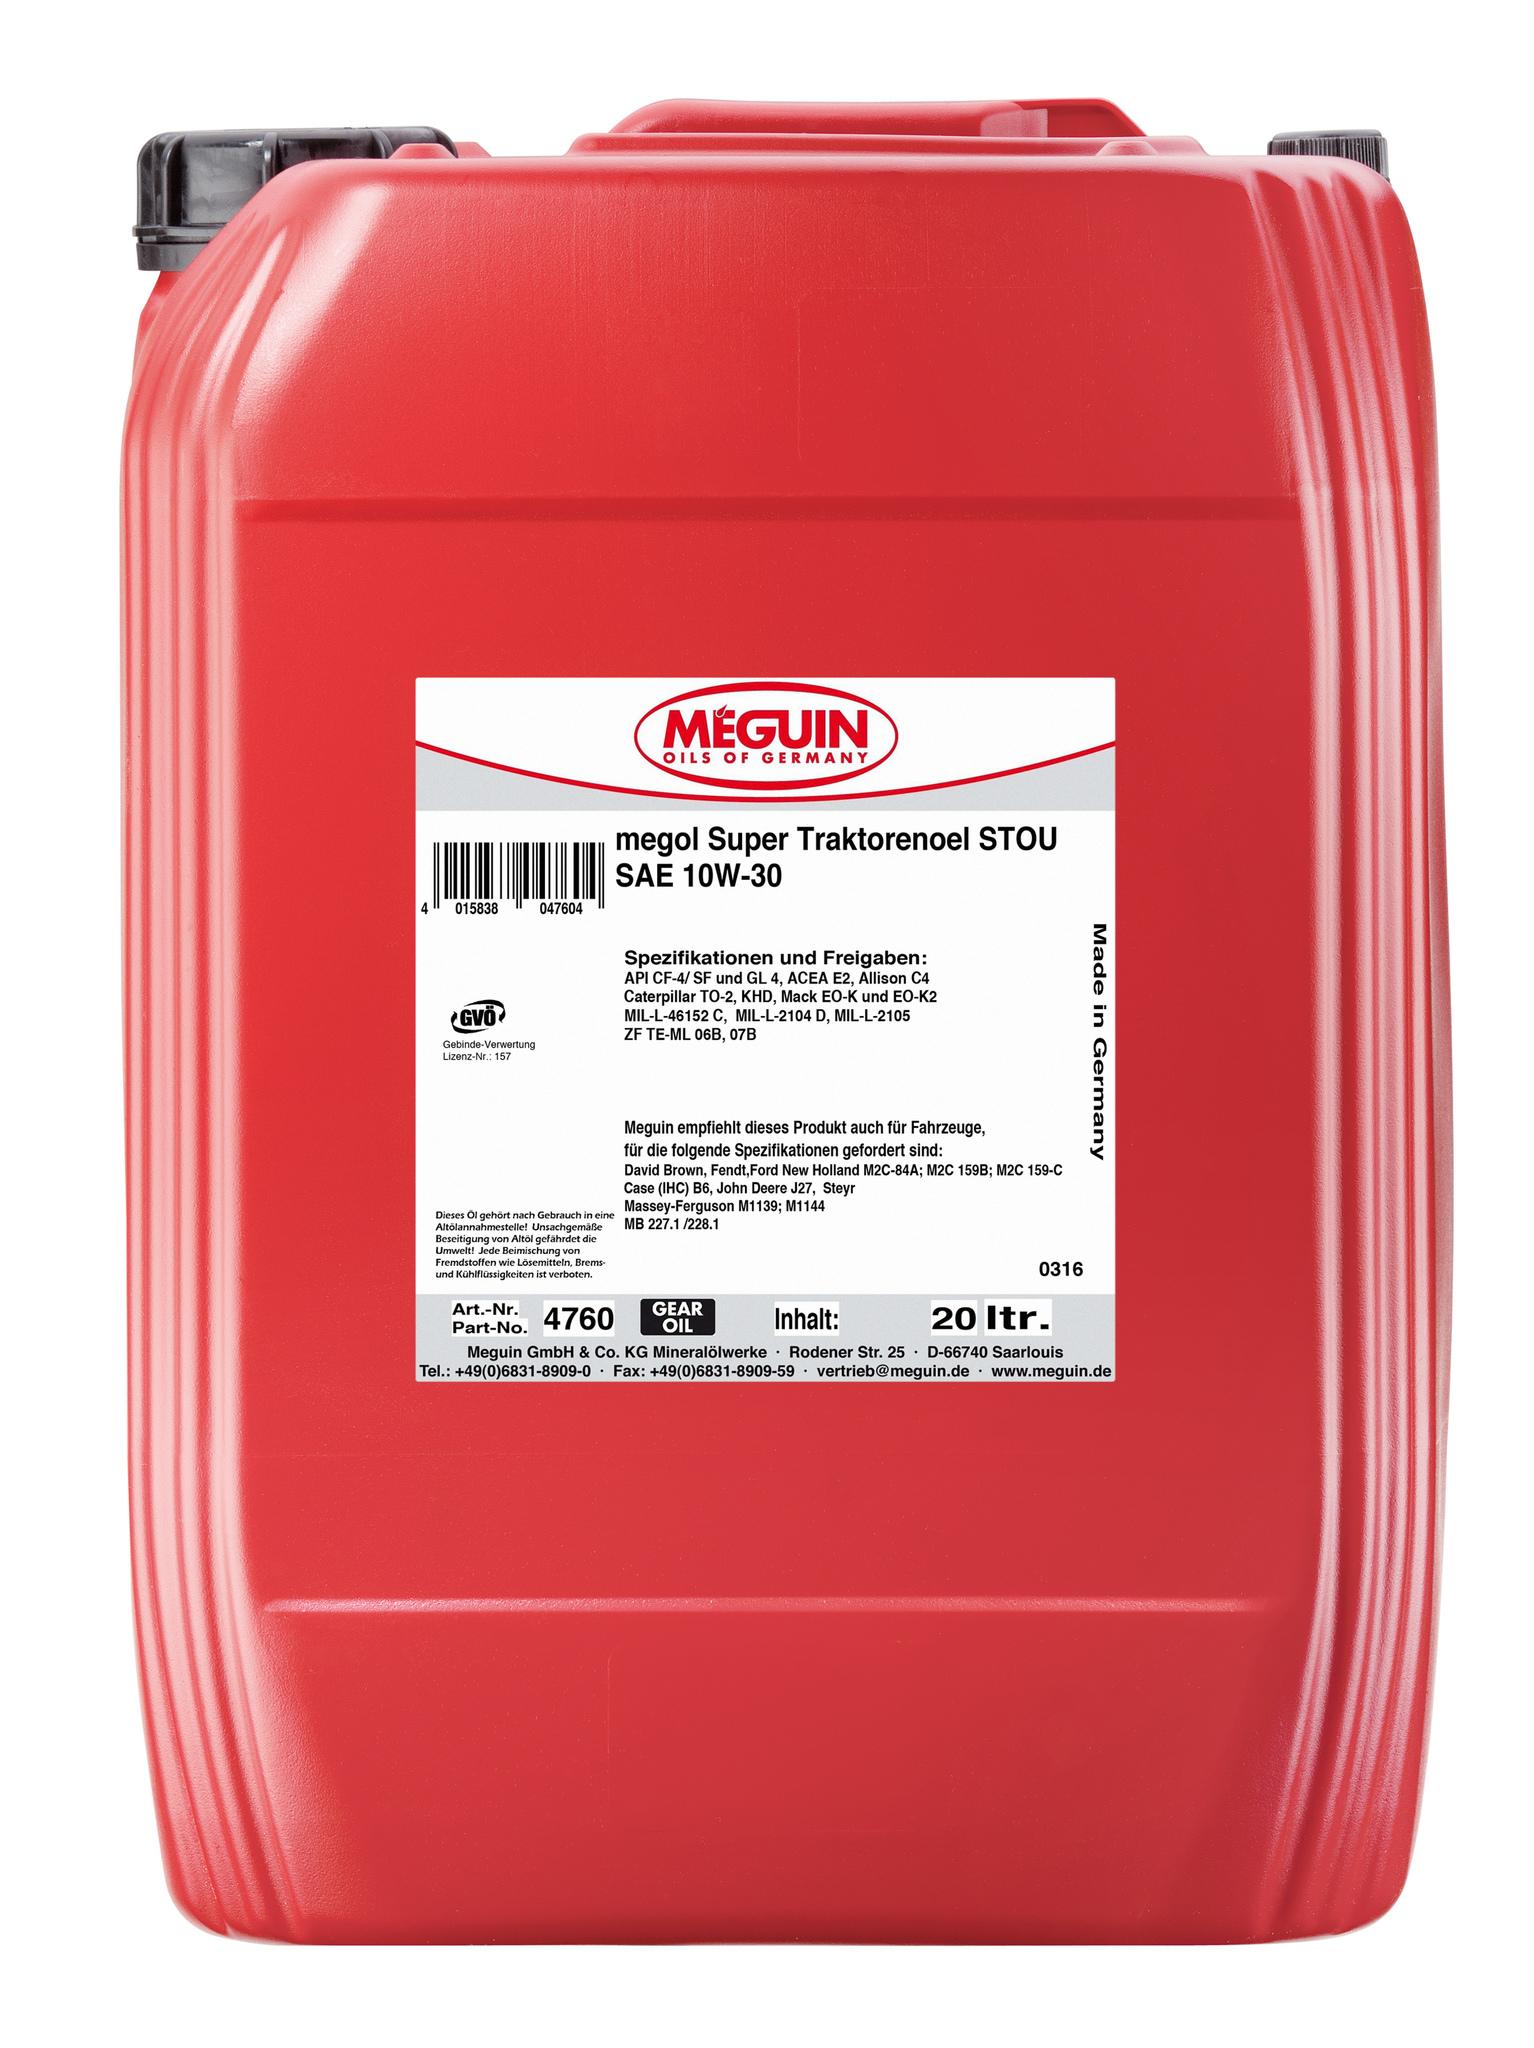 Megol Super Traktorenoel STOU 10W-30 Минеральное трансмиссионное масло для тракторов